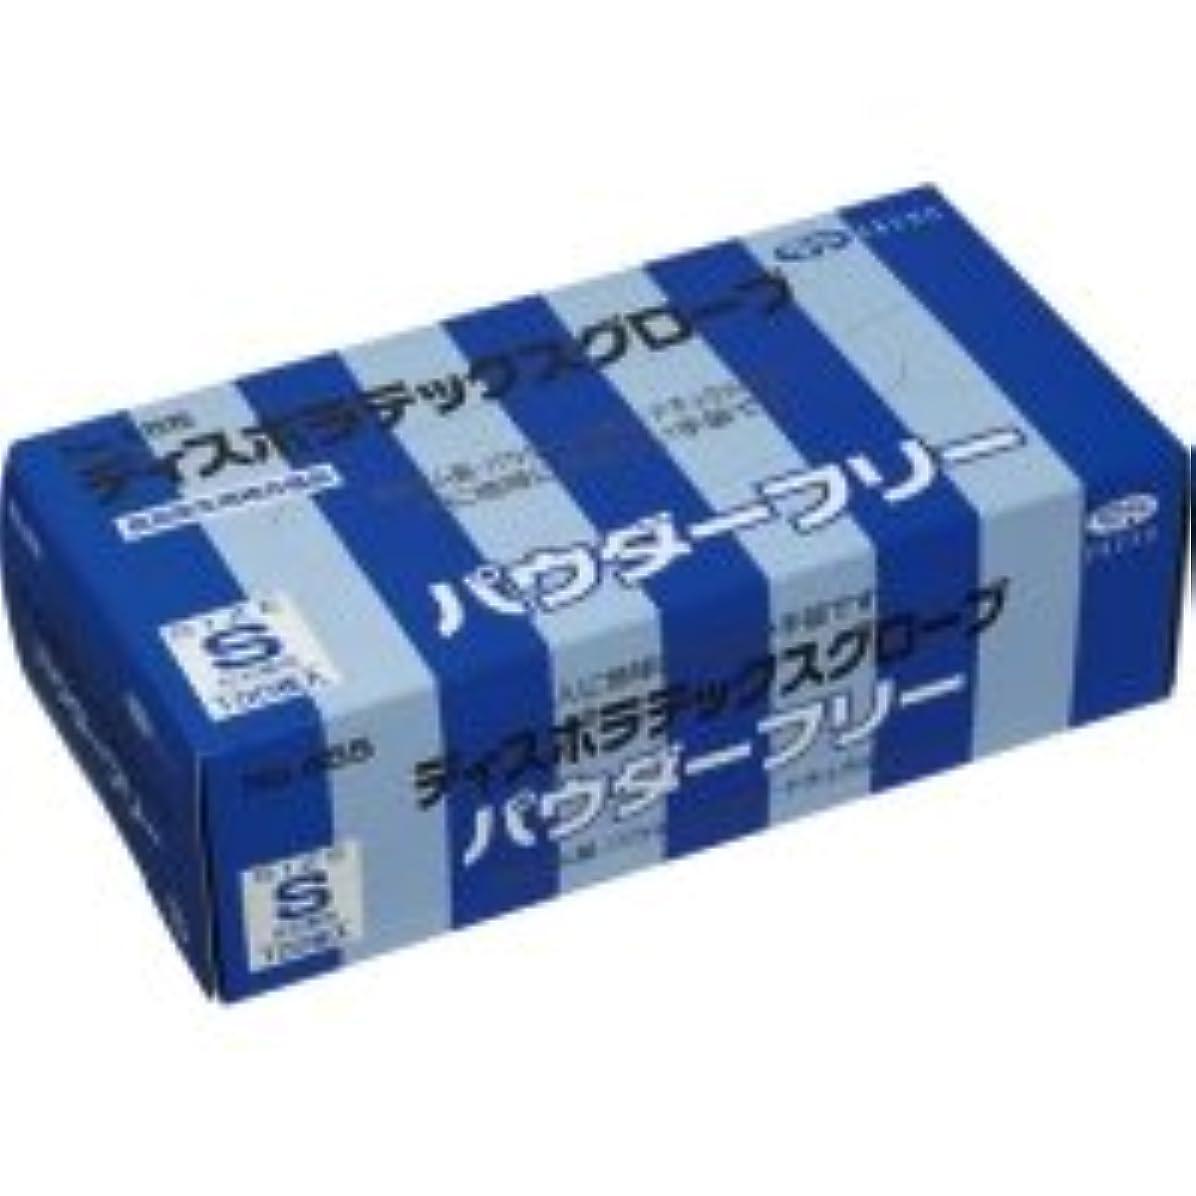 エブノ ディスポラテックスグローブ No.455 パウダーフリー S 1箱(100枚)